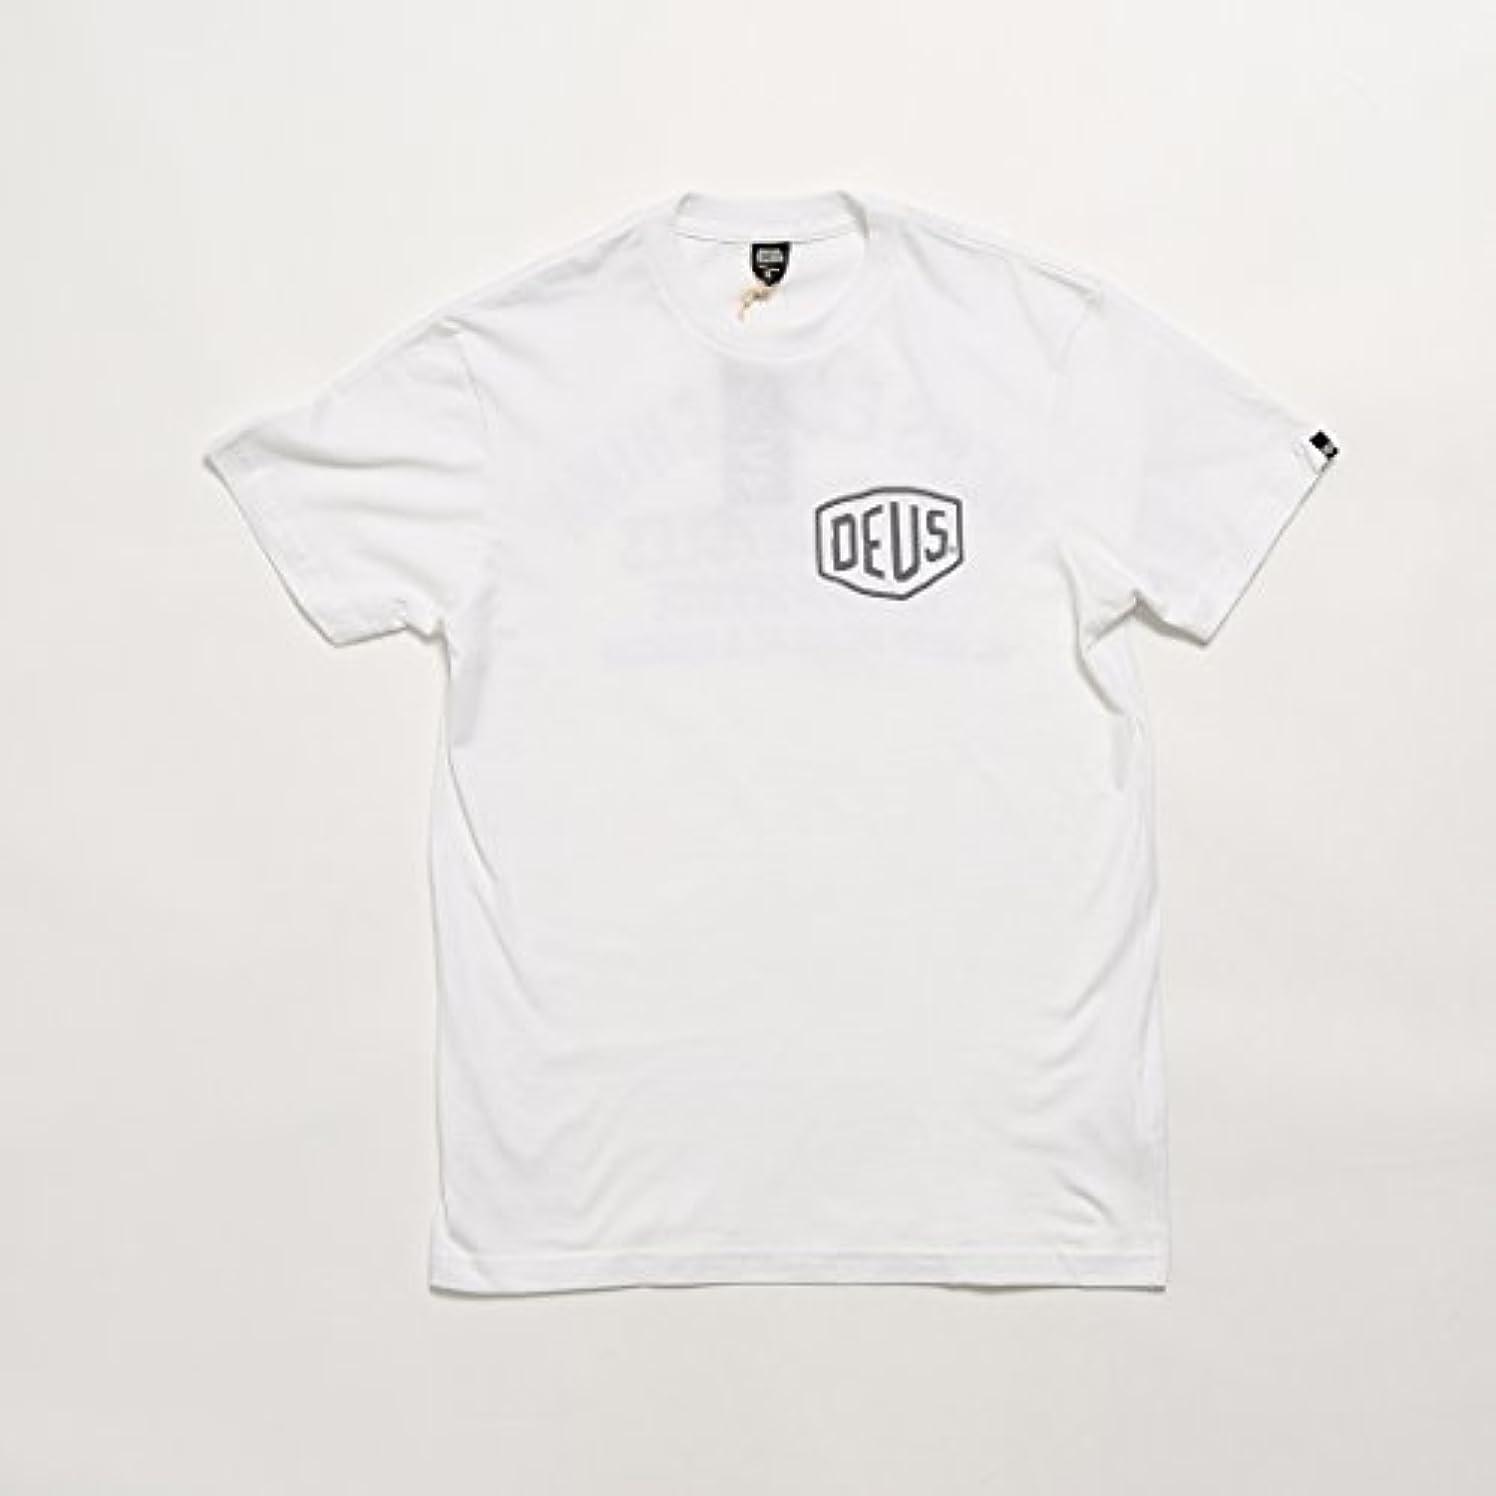 ユーモアブランチアプト(デウス エクス マキナ) DEUS EX MACHINA CANGGU ADDRESS Tシャツ [T-DMW41808B]